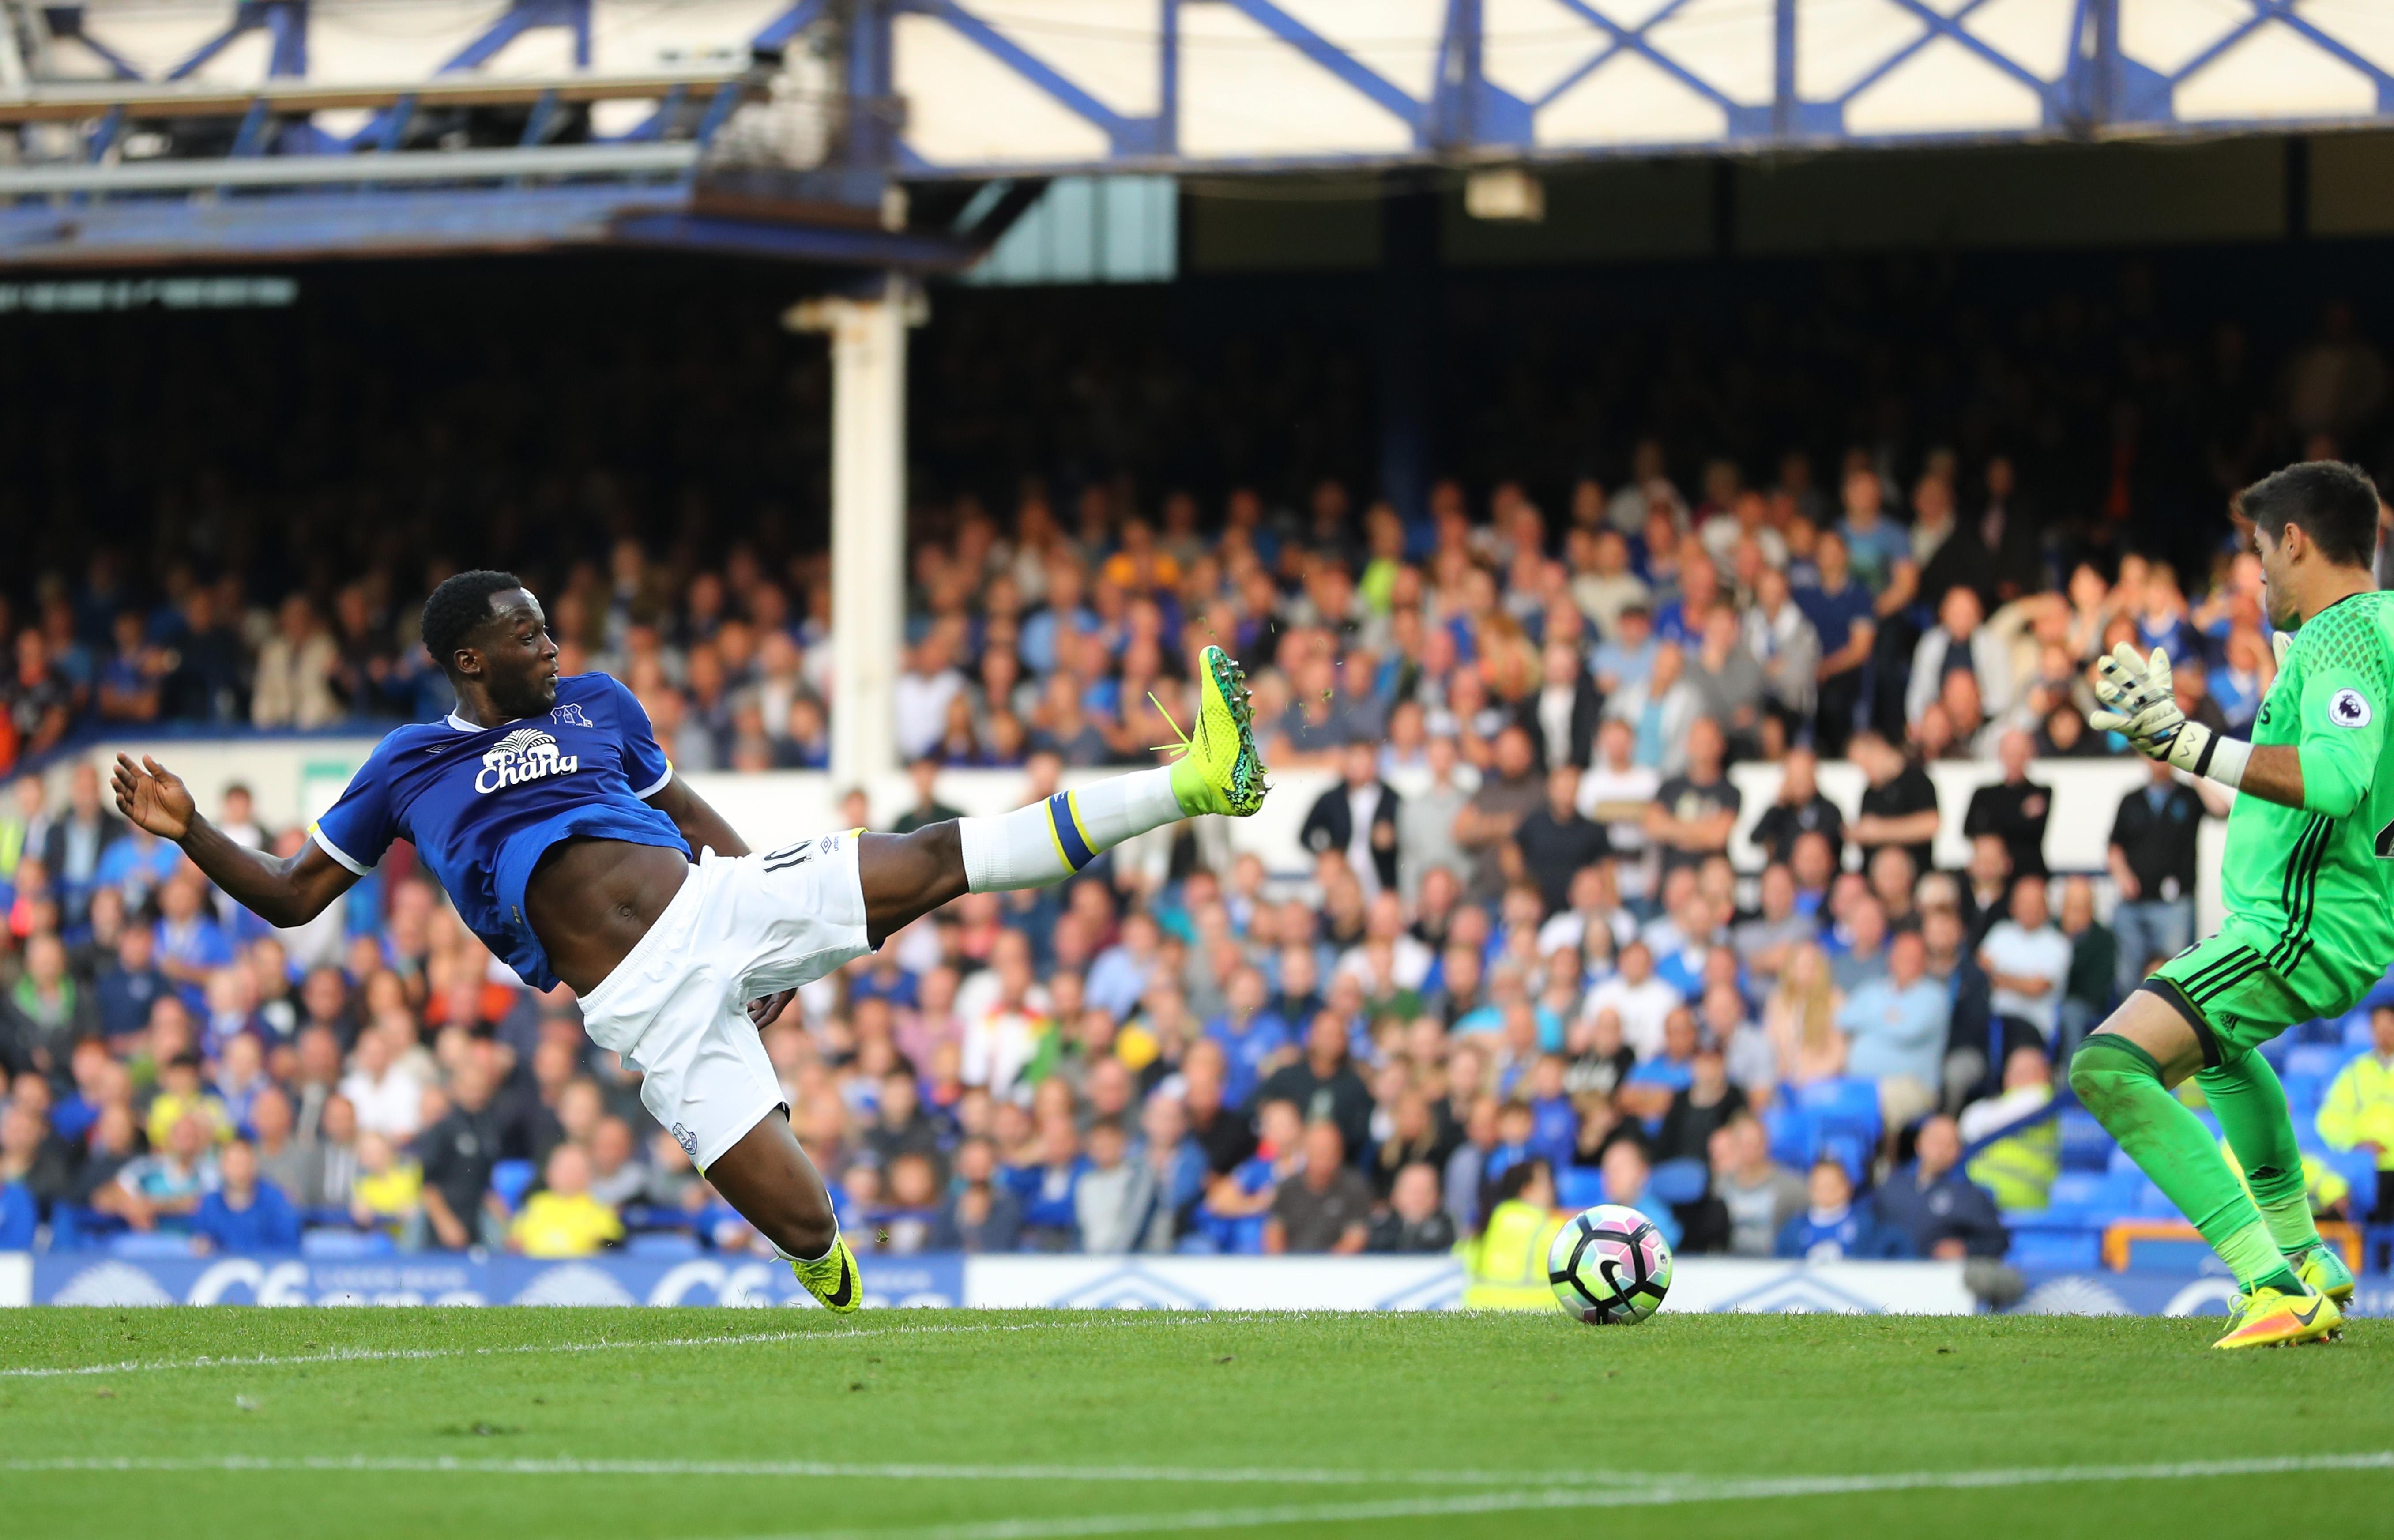 Lukaku scoring against Southampton